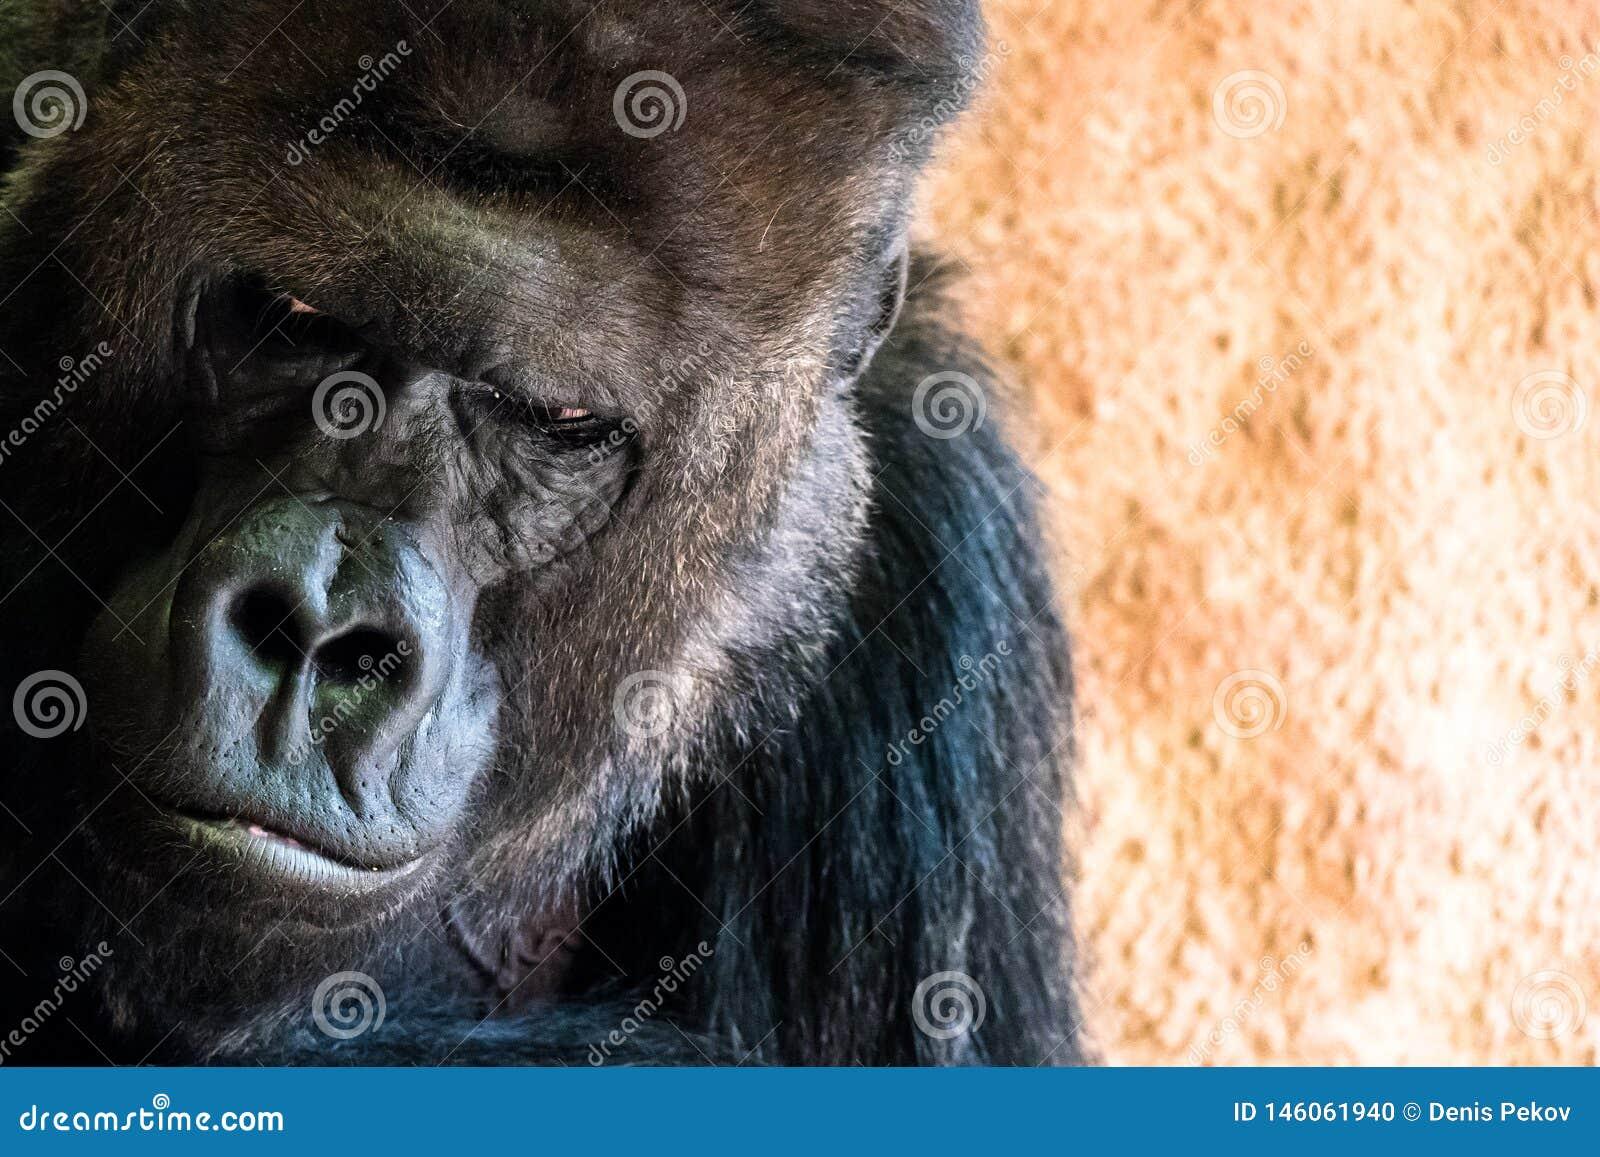 Sad gorilla at the